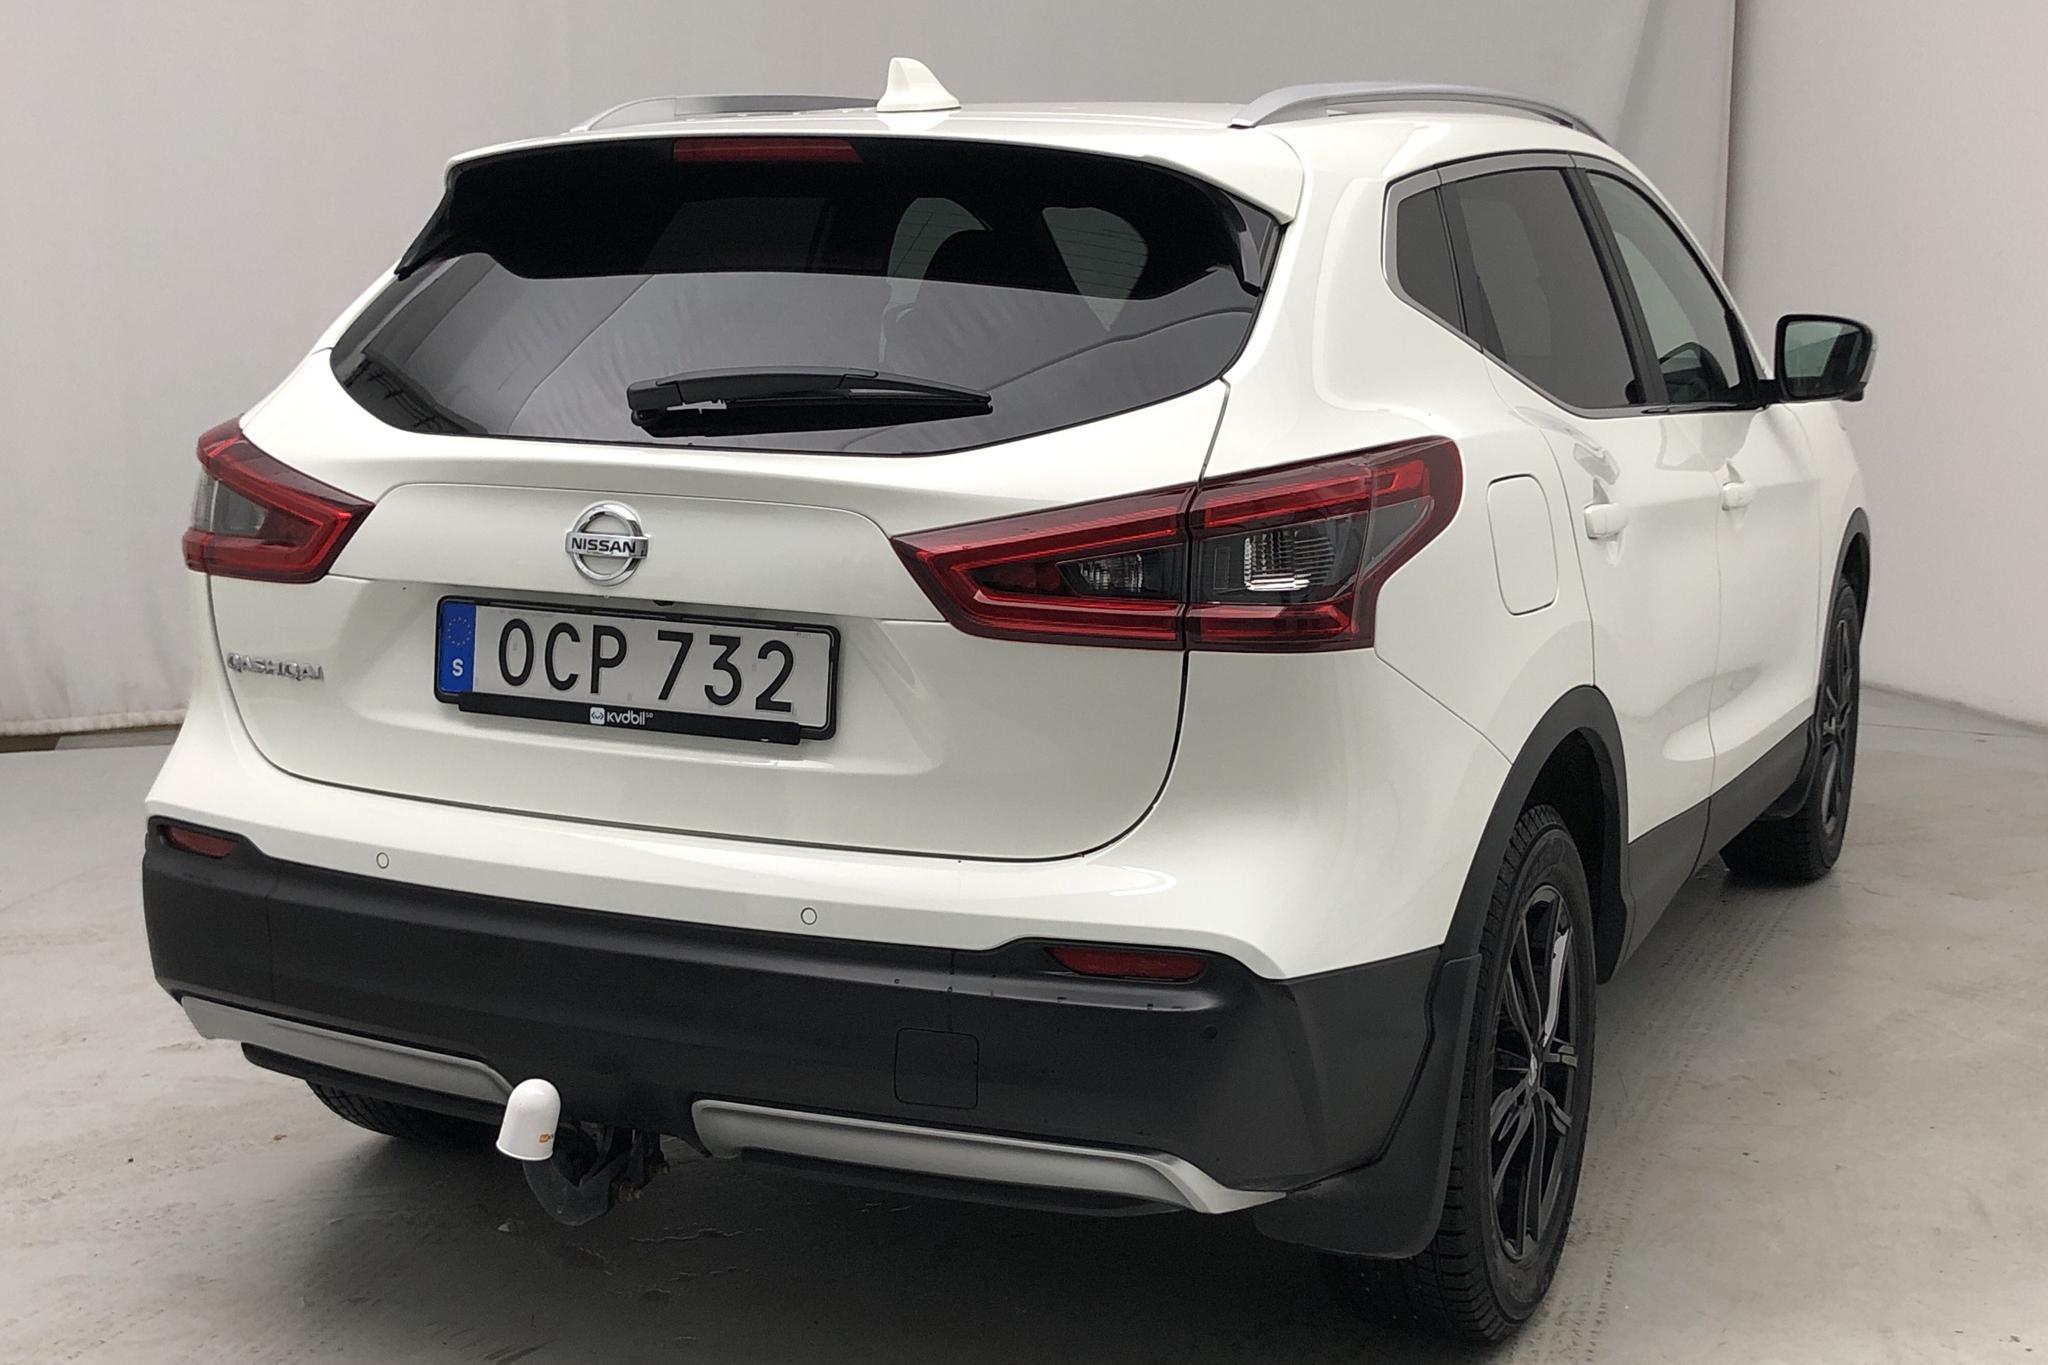 Nissan Qashqai 1.3 DIG-T (140hk) - 6 290 km - Manual - white - 2019